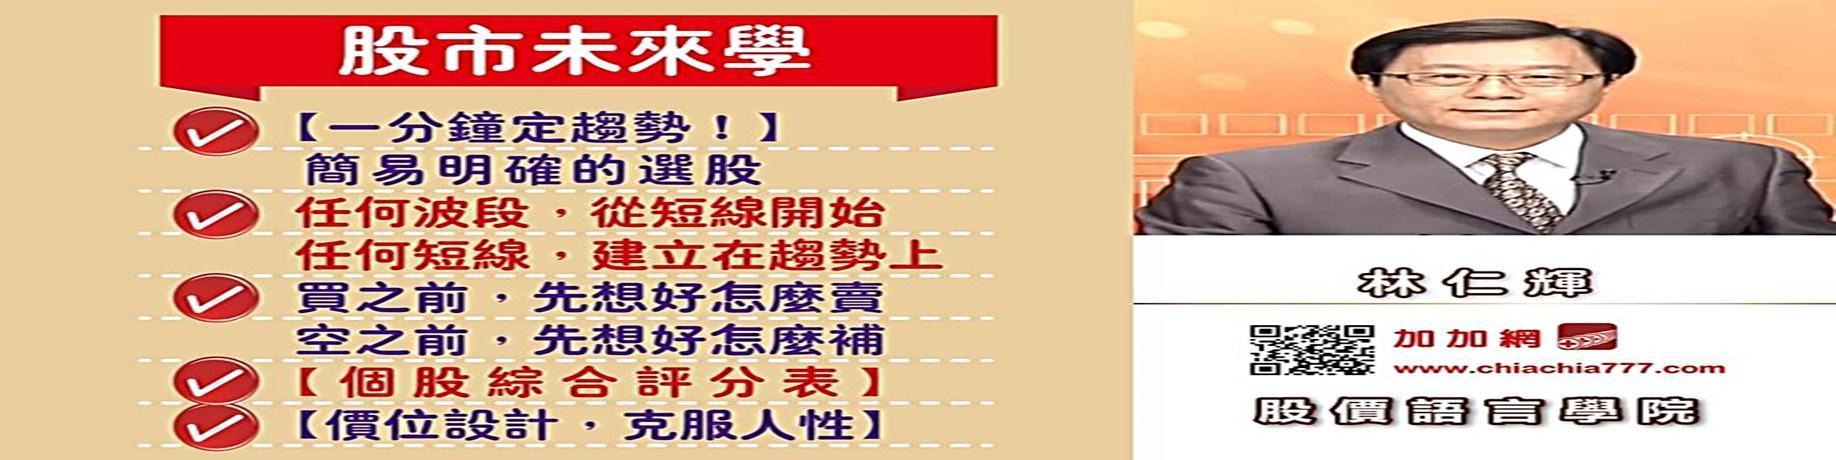 林仁輝 / 股市未來學【一分鐘定趨勢!】【個股綜合評分表】 股價語言學院 / 加加網  【價位設計,克服人性】